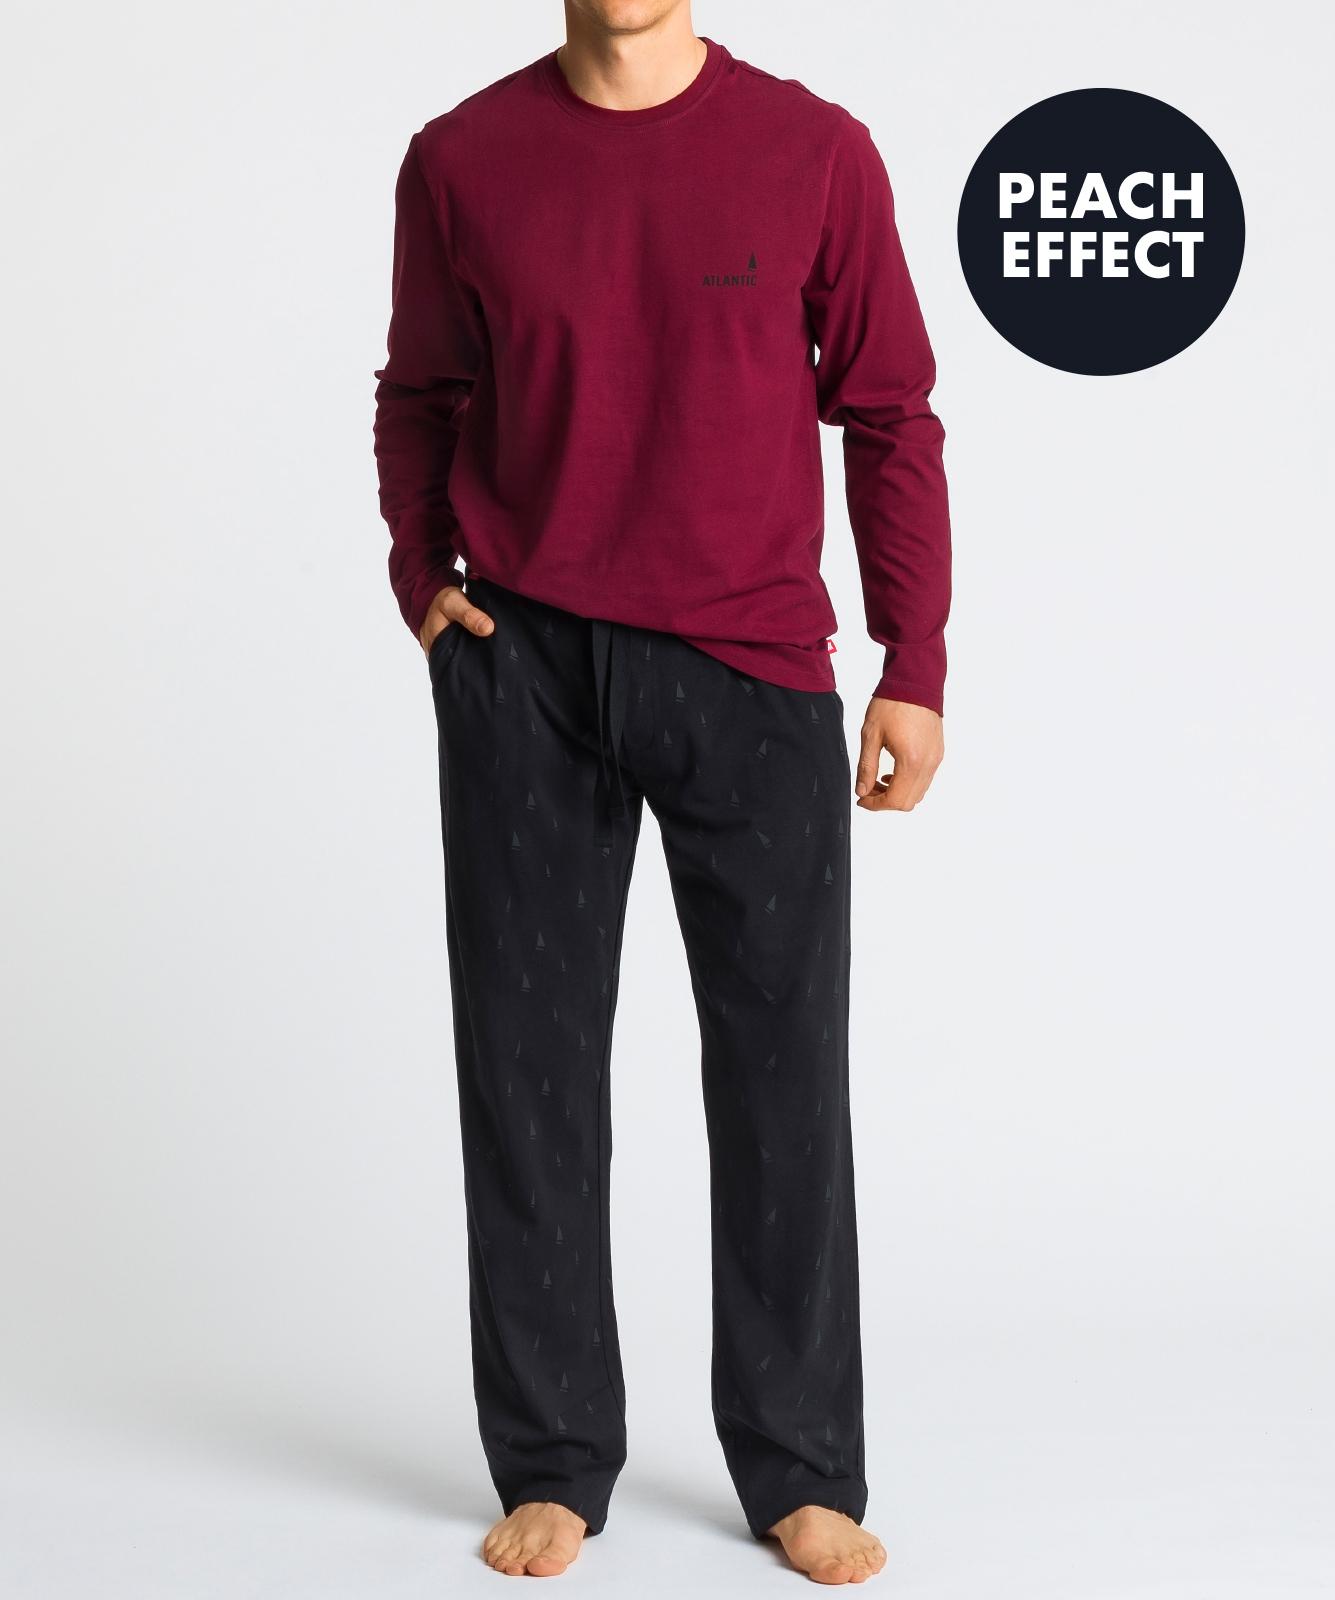 Мужская пижама Atlantic, 1 шт. в уп., хлопок, темно-красная, NMP-348